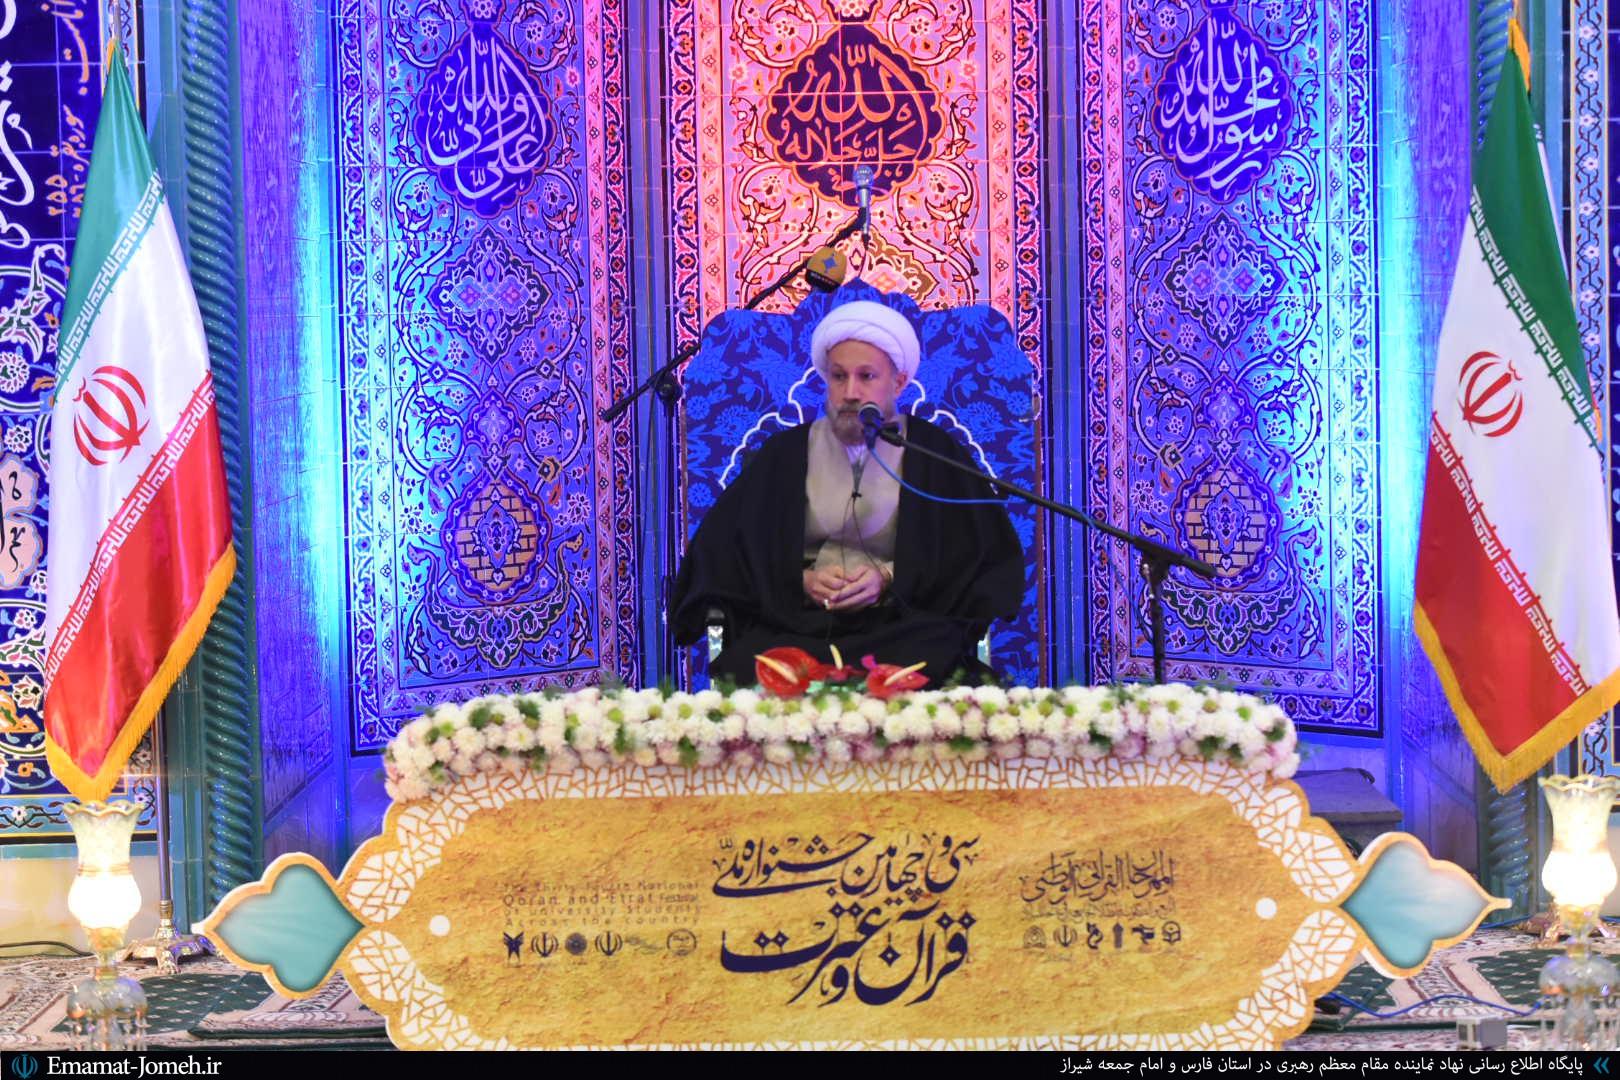 سی و چهارمین جشنواره ملی قرآن و عترت با حضور آیت الله دژکام